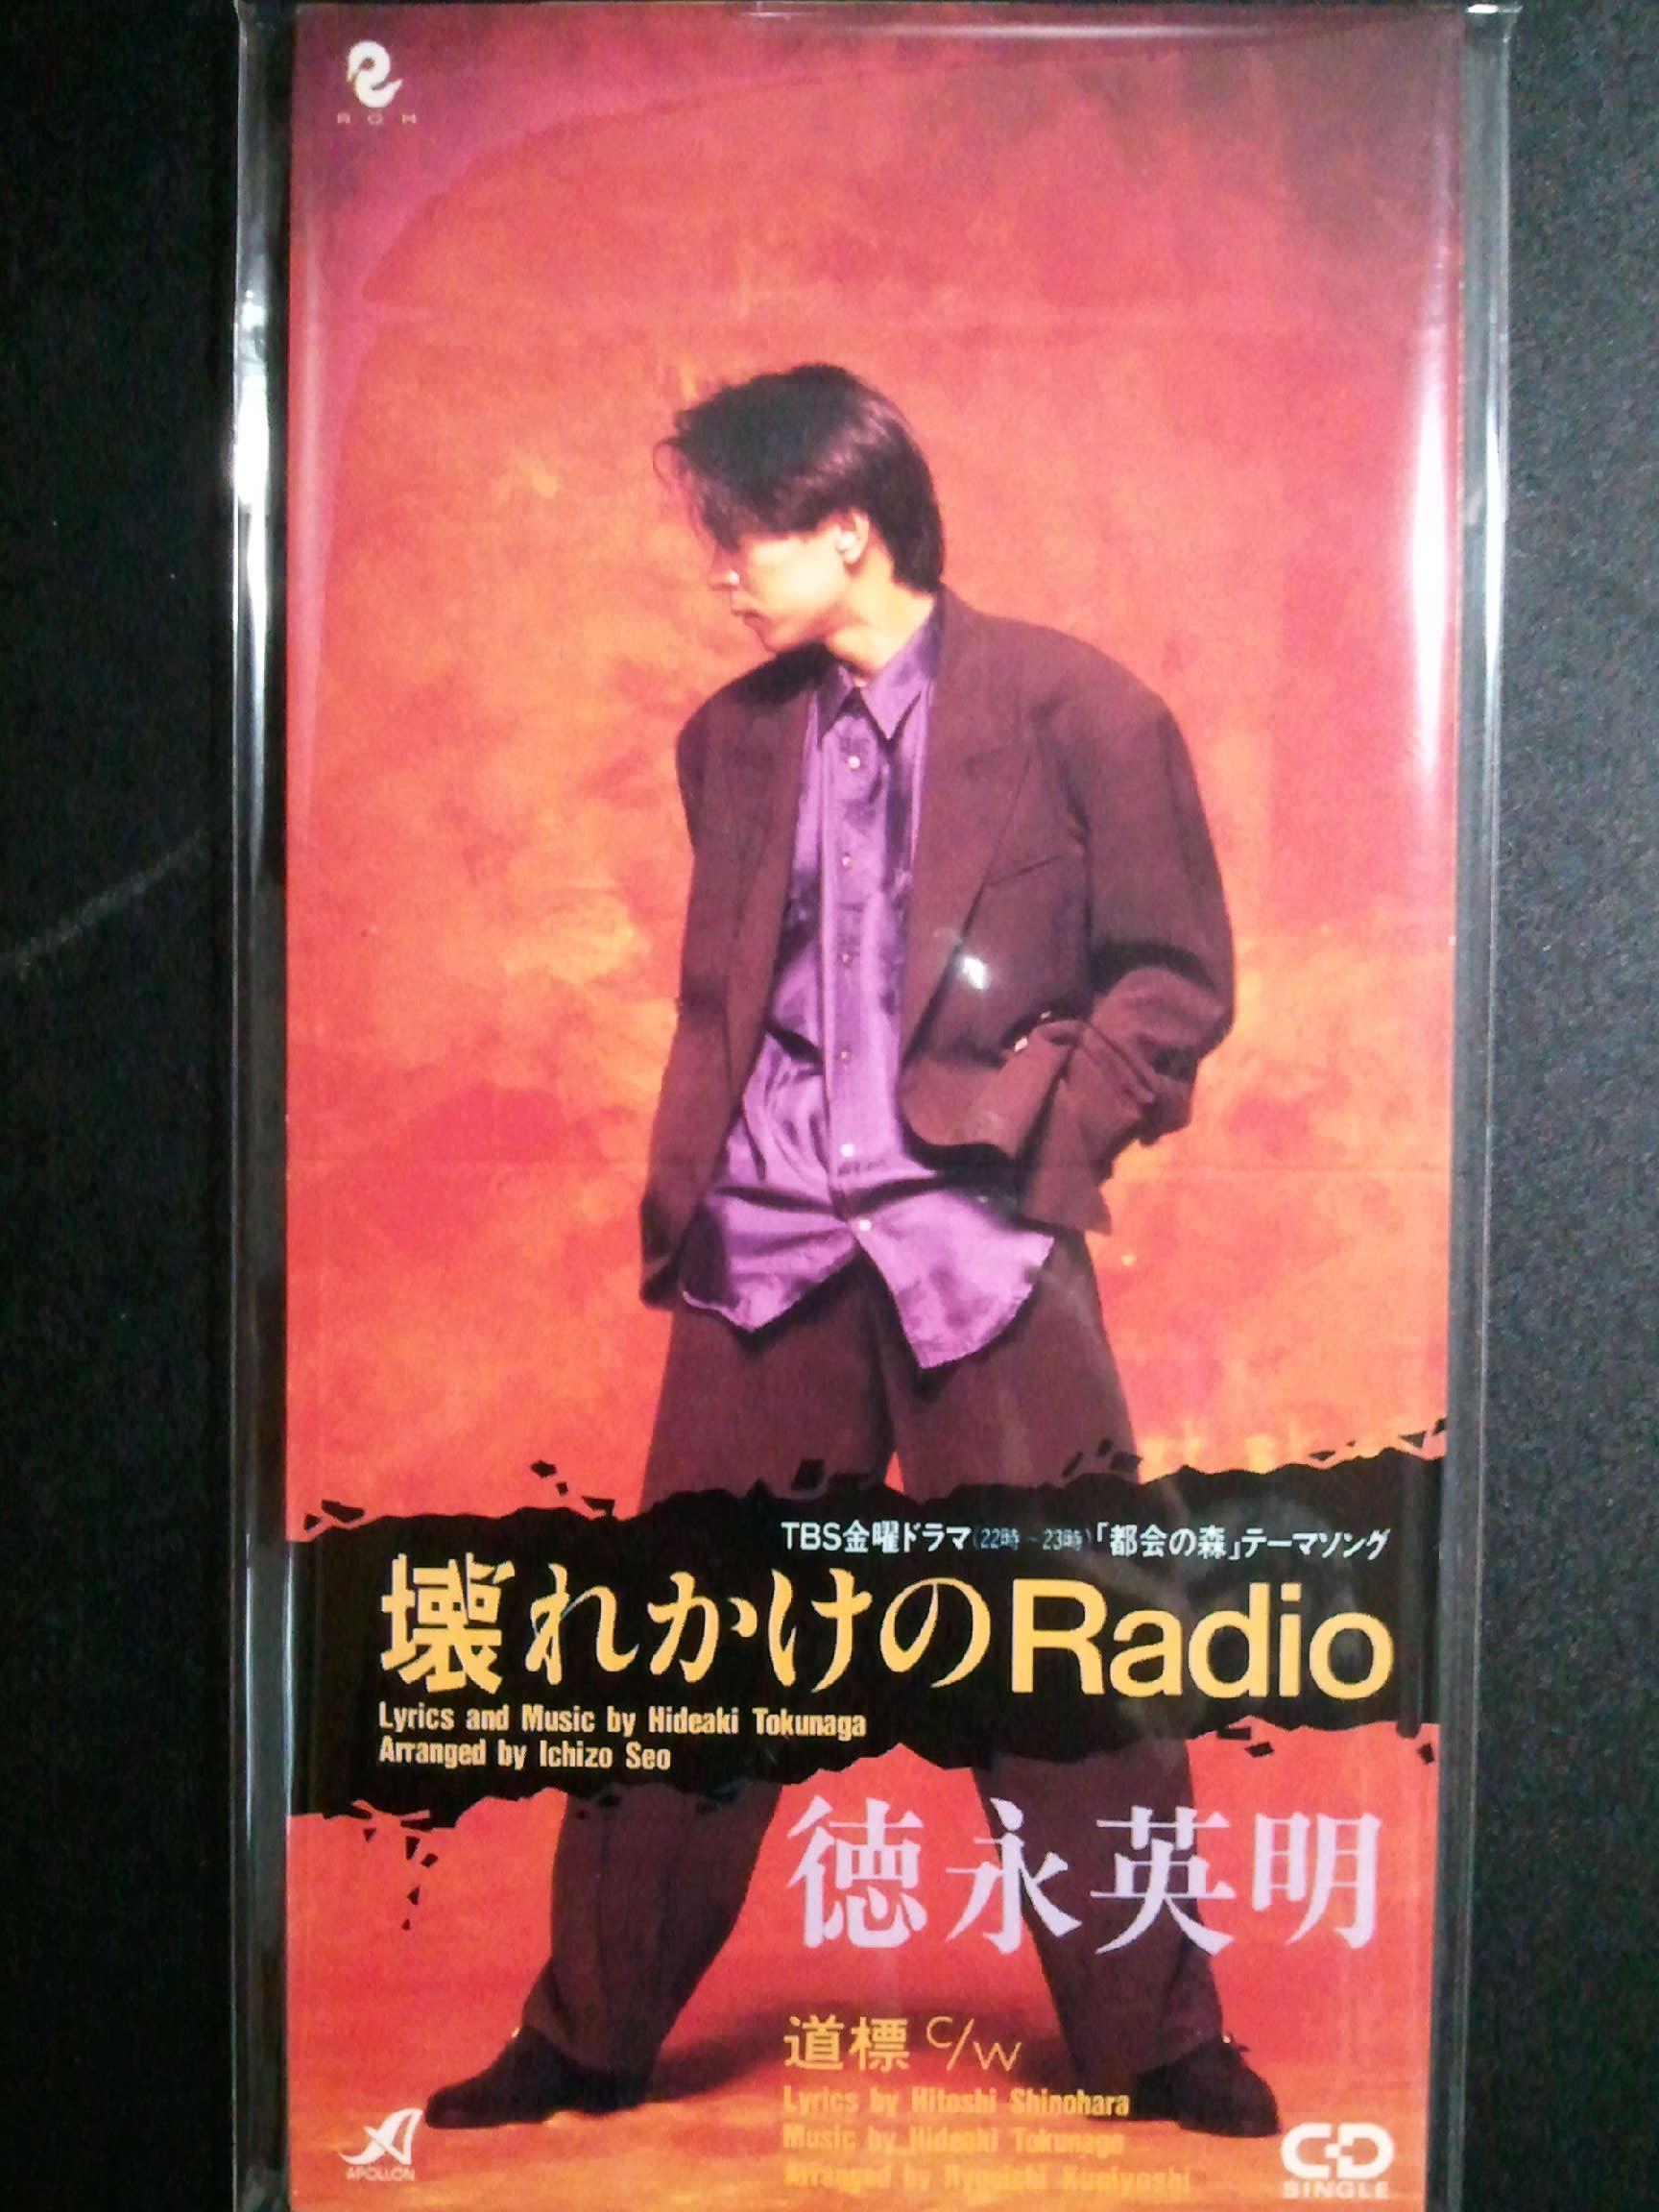 徳永英明 壊れかけのRadio